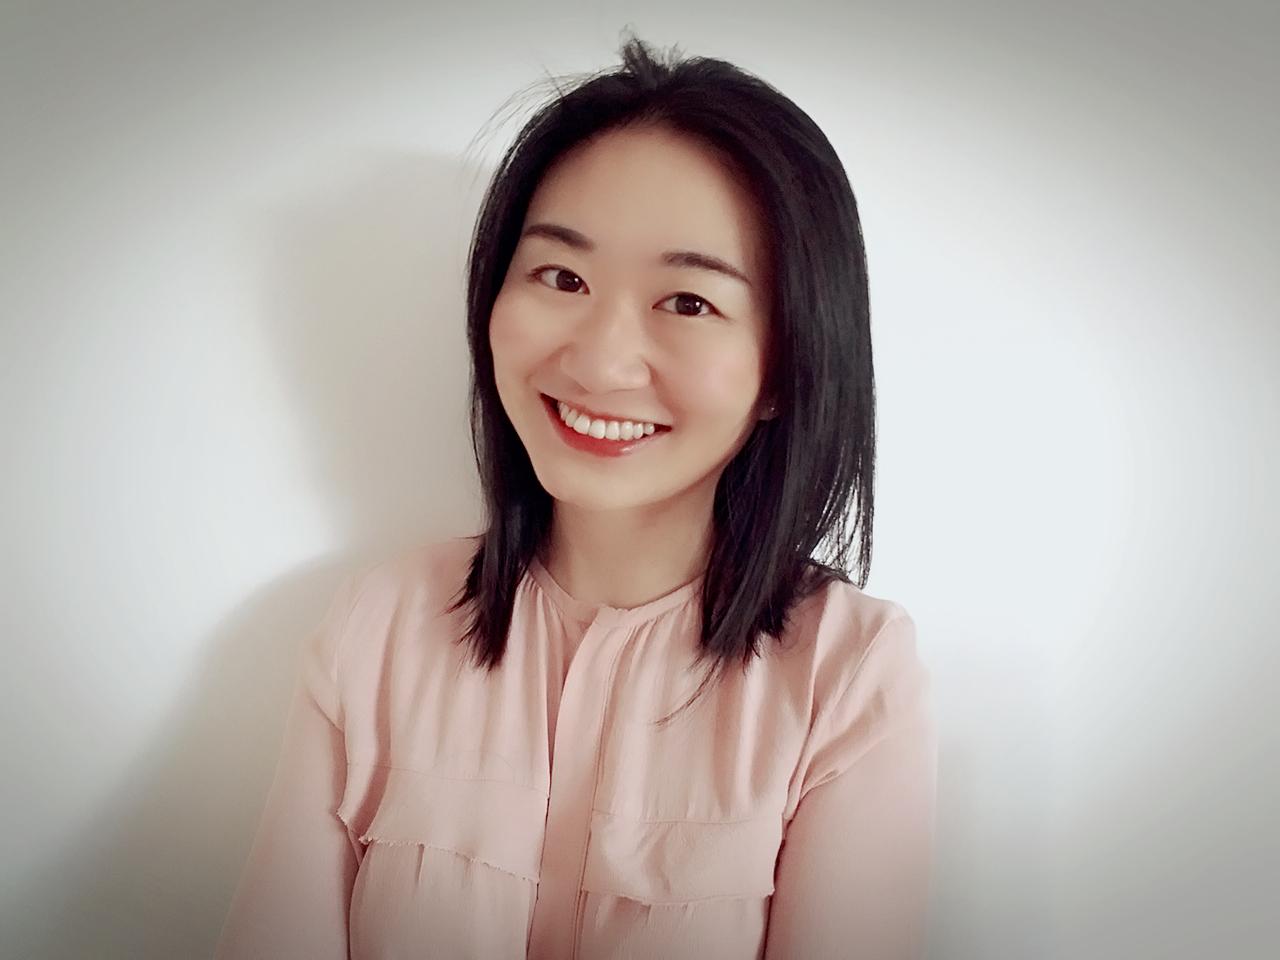 Shushu Chen